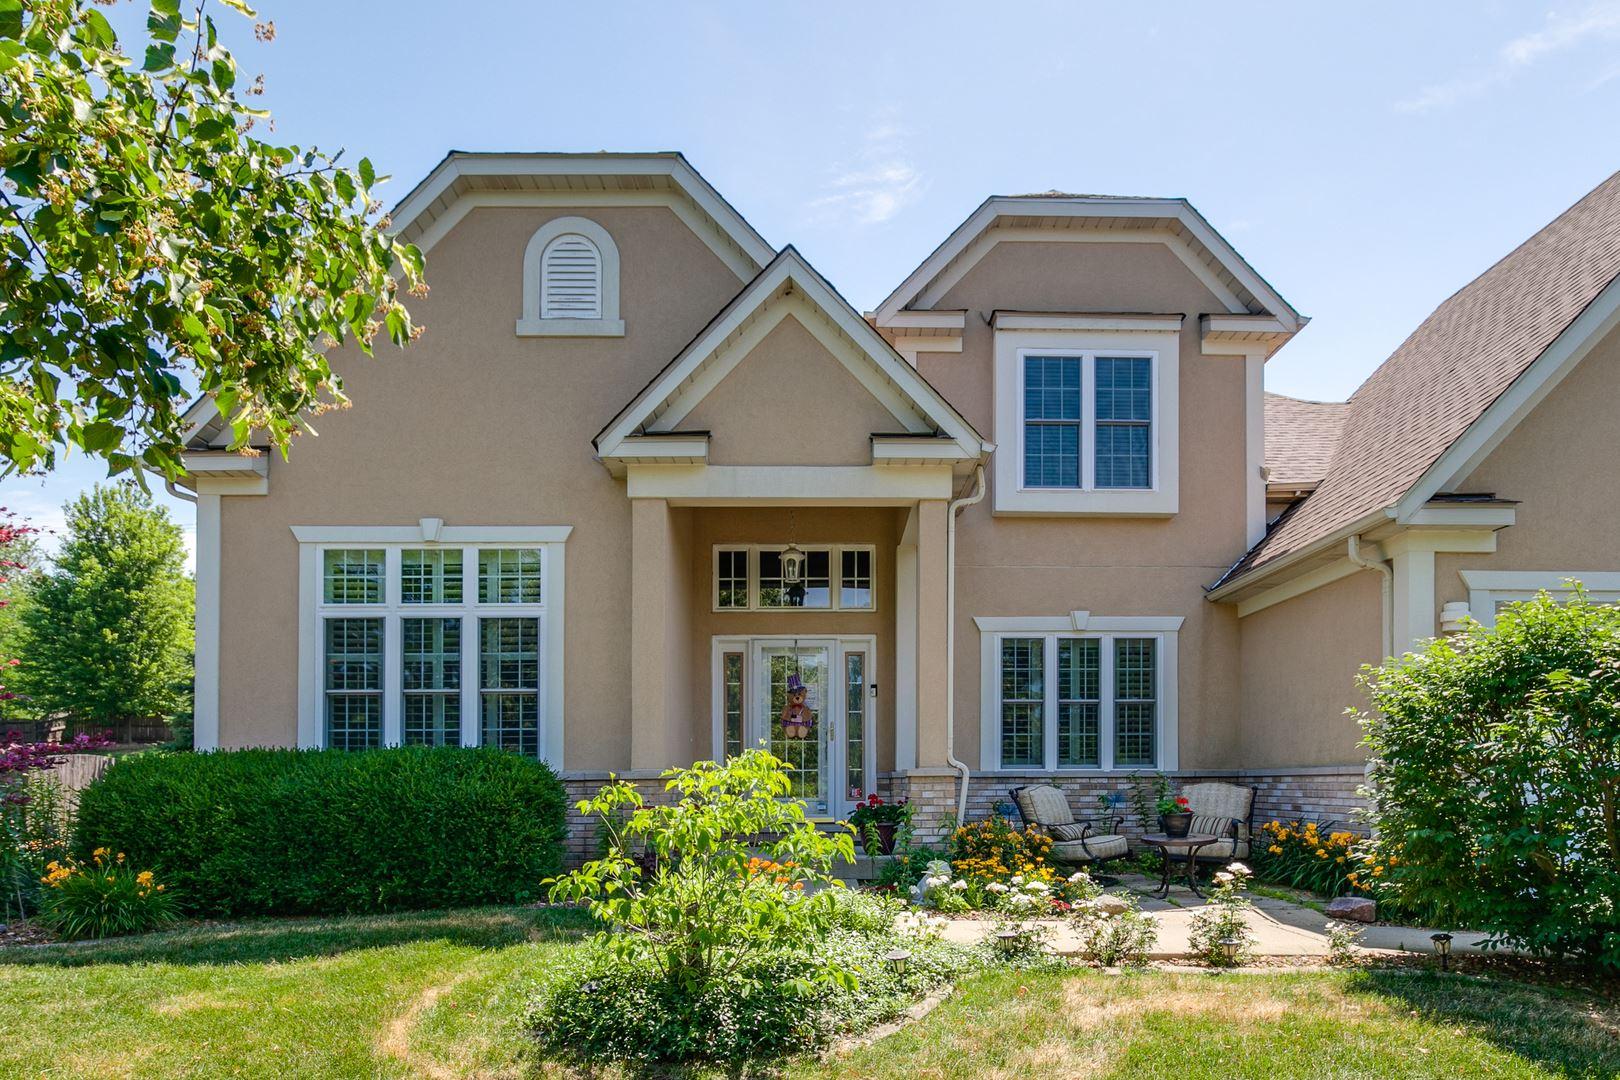 805 Evan Lane, Lake Villa, IL 60046 - #: 10629775